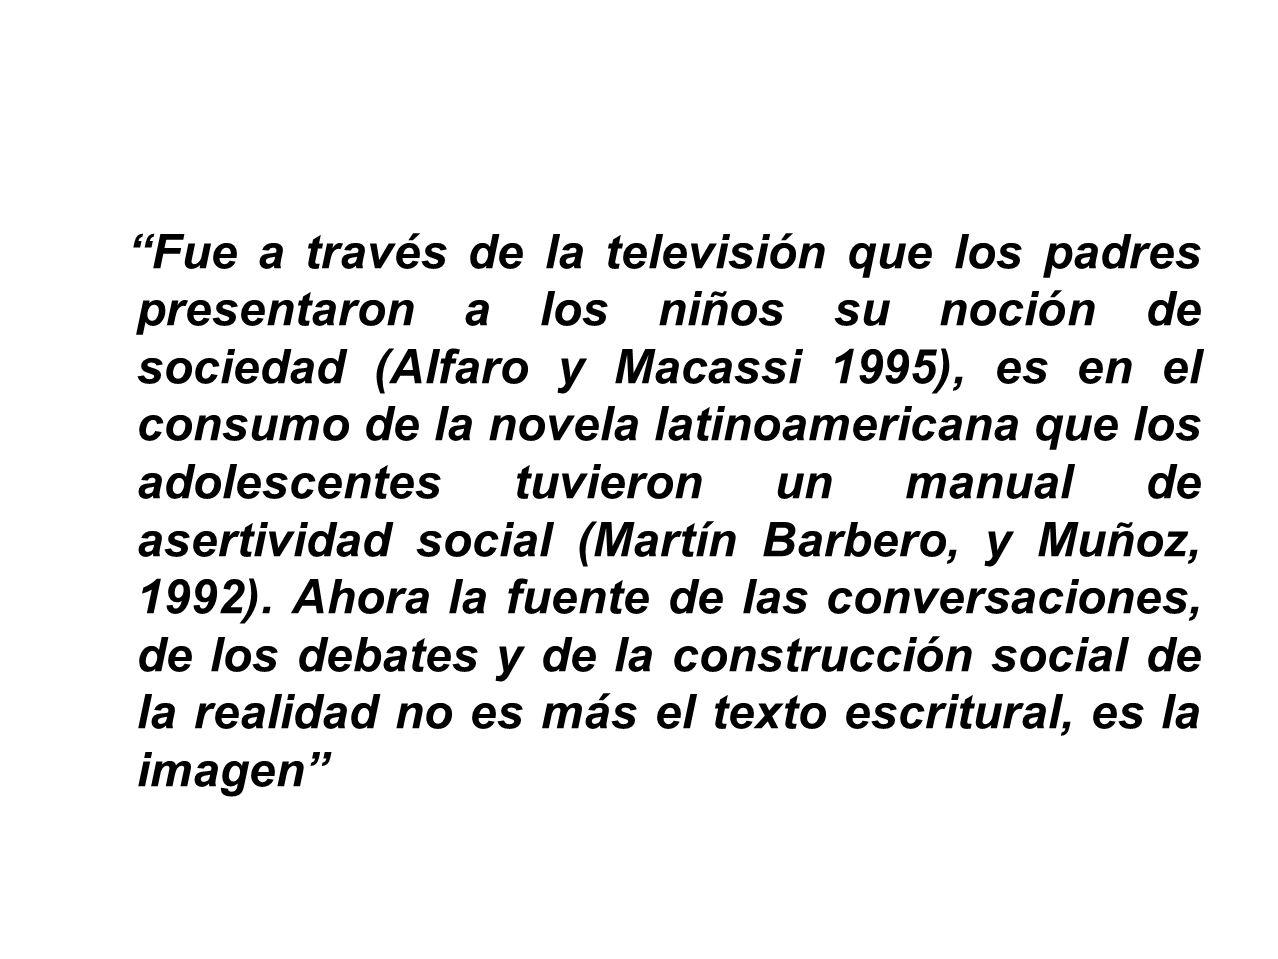 Fue a través de la televisión que los padres presentaron a los niños su noción de sociedad (Alfaro y Macassi 1995), es en el consumo de la novela latinoamericana que los adolescentes tuvieron un manual de asertividad social (Martín Barbero, y Muñoz, 1992).